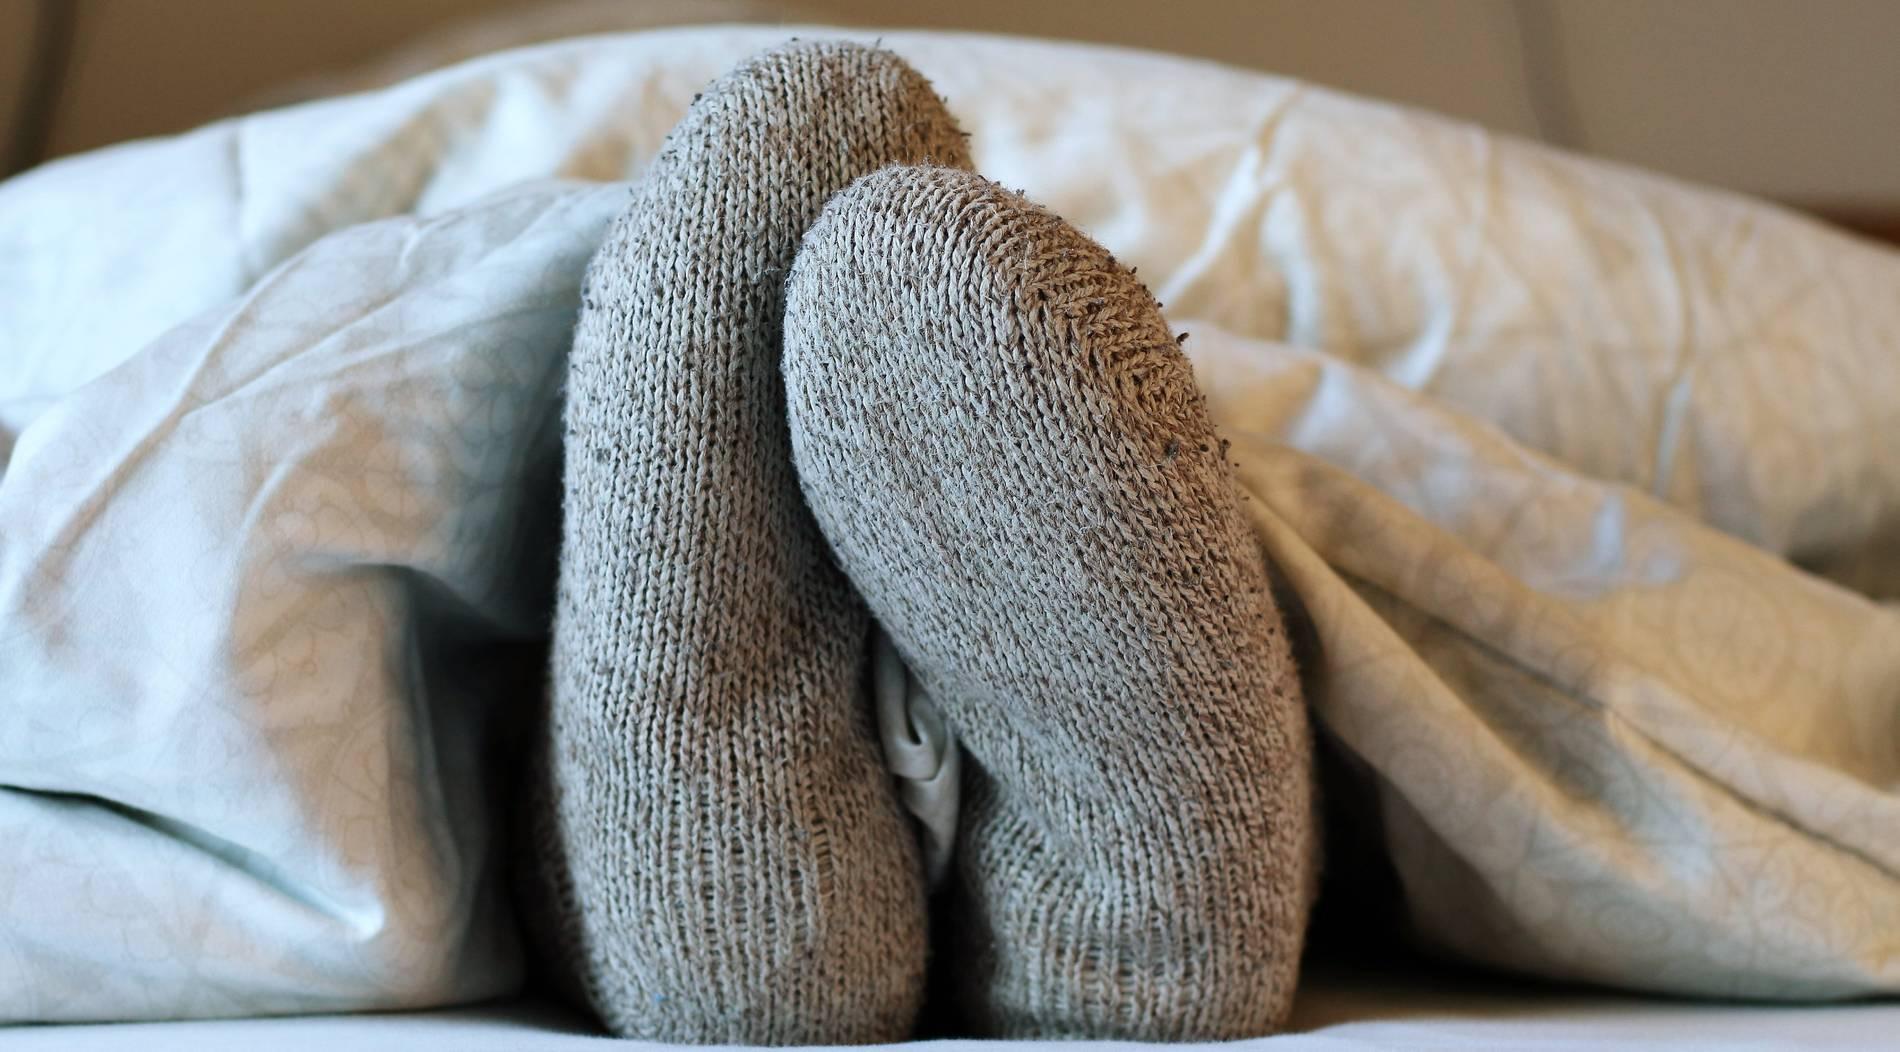 Socken im Bett haben nur Vorteile – auch beim Sex